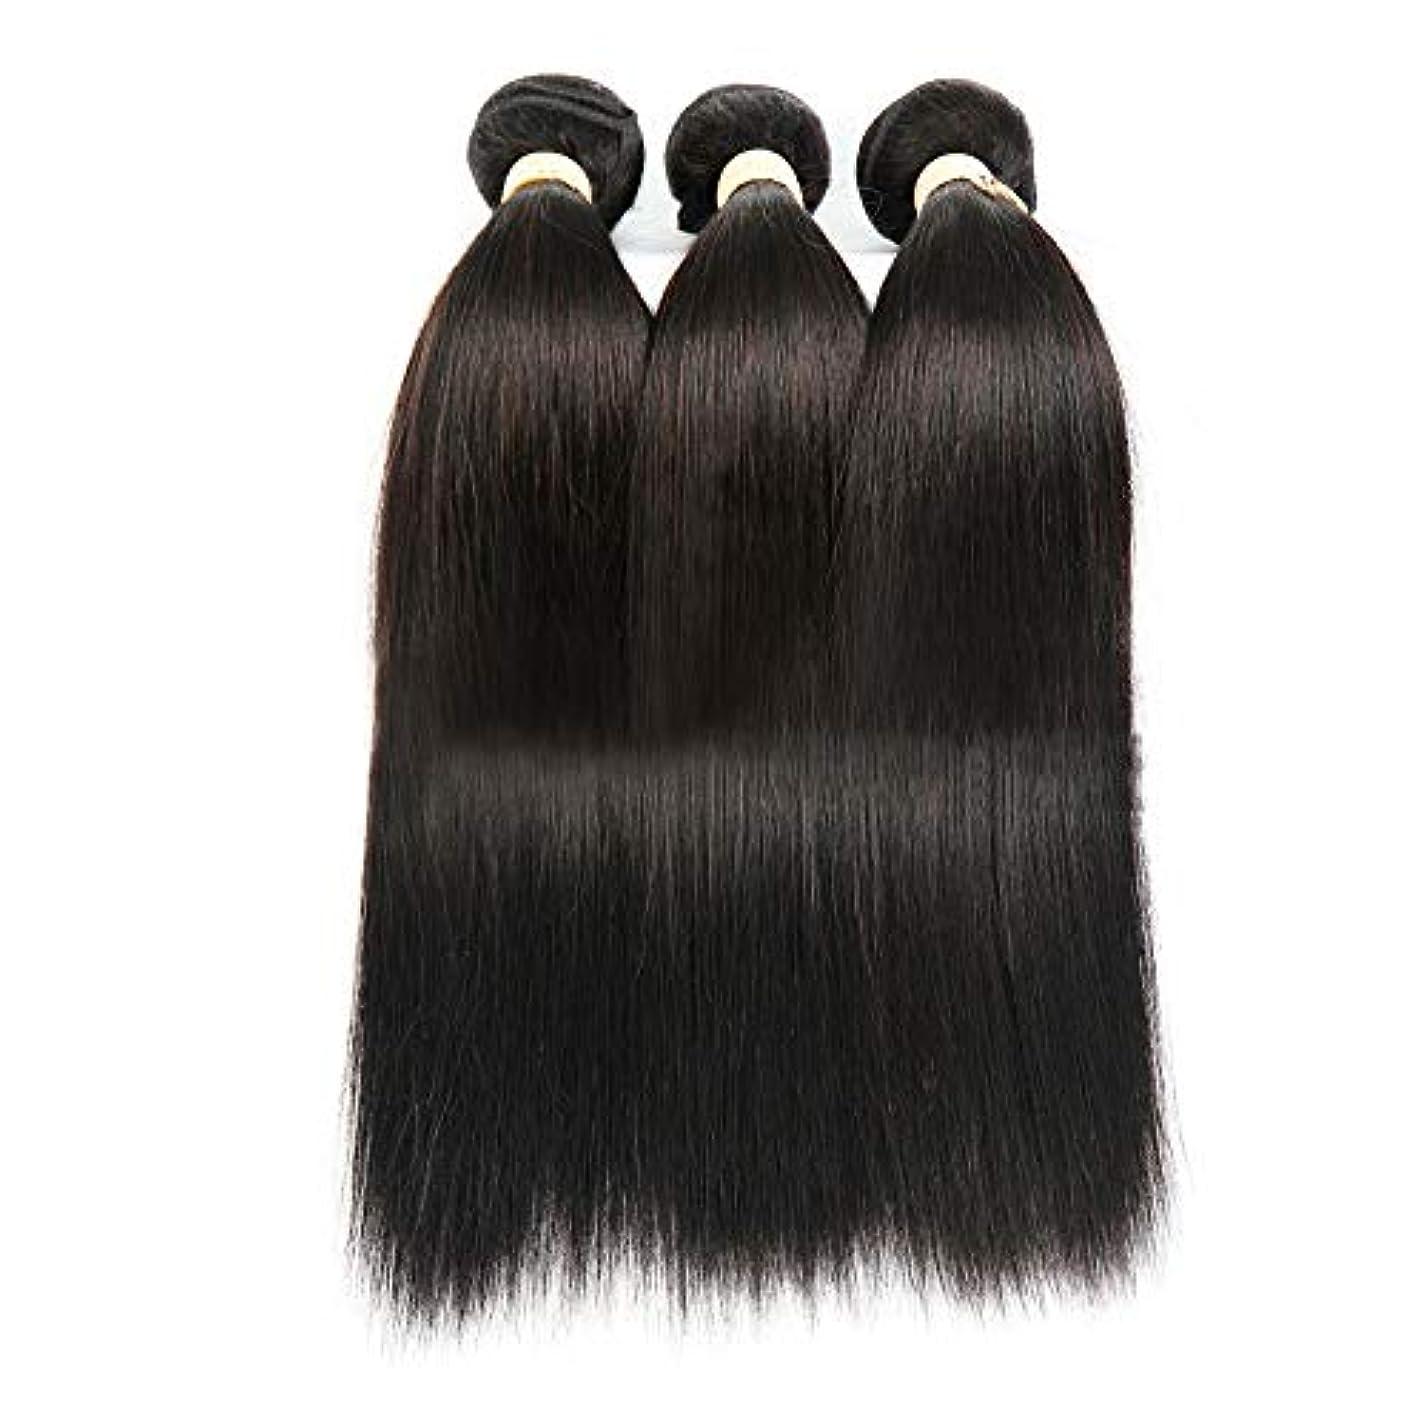 荒らす私達慣習WASAIO 8?28インチ)ブラック、ヘアエクステンションクリップのシームレスなリアルな黒人間織りバンドル実横糸 - 真(1つのバンドル (色 : 黒, サイズ : 12 inch)